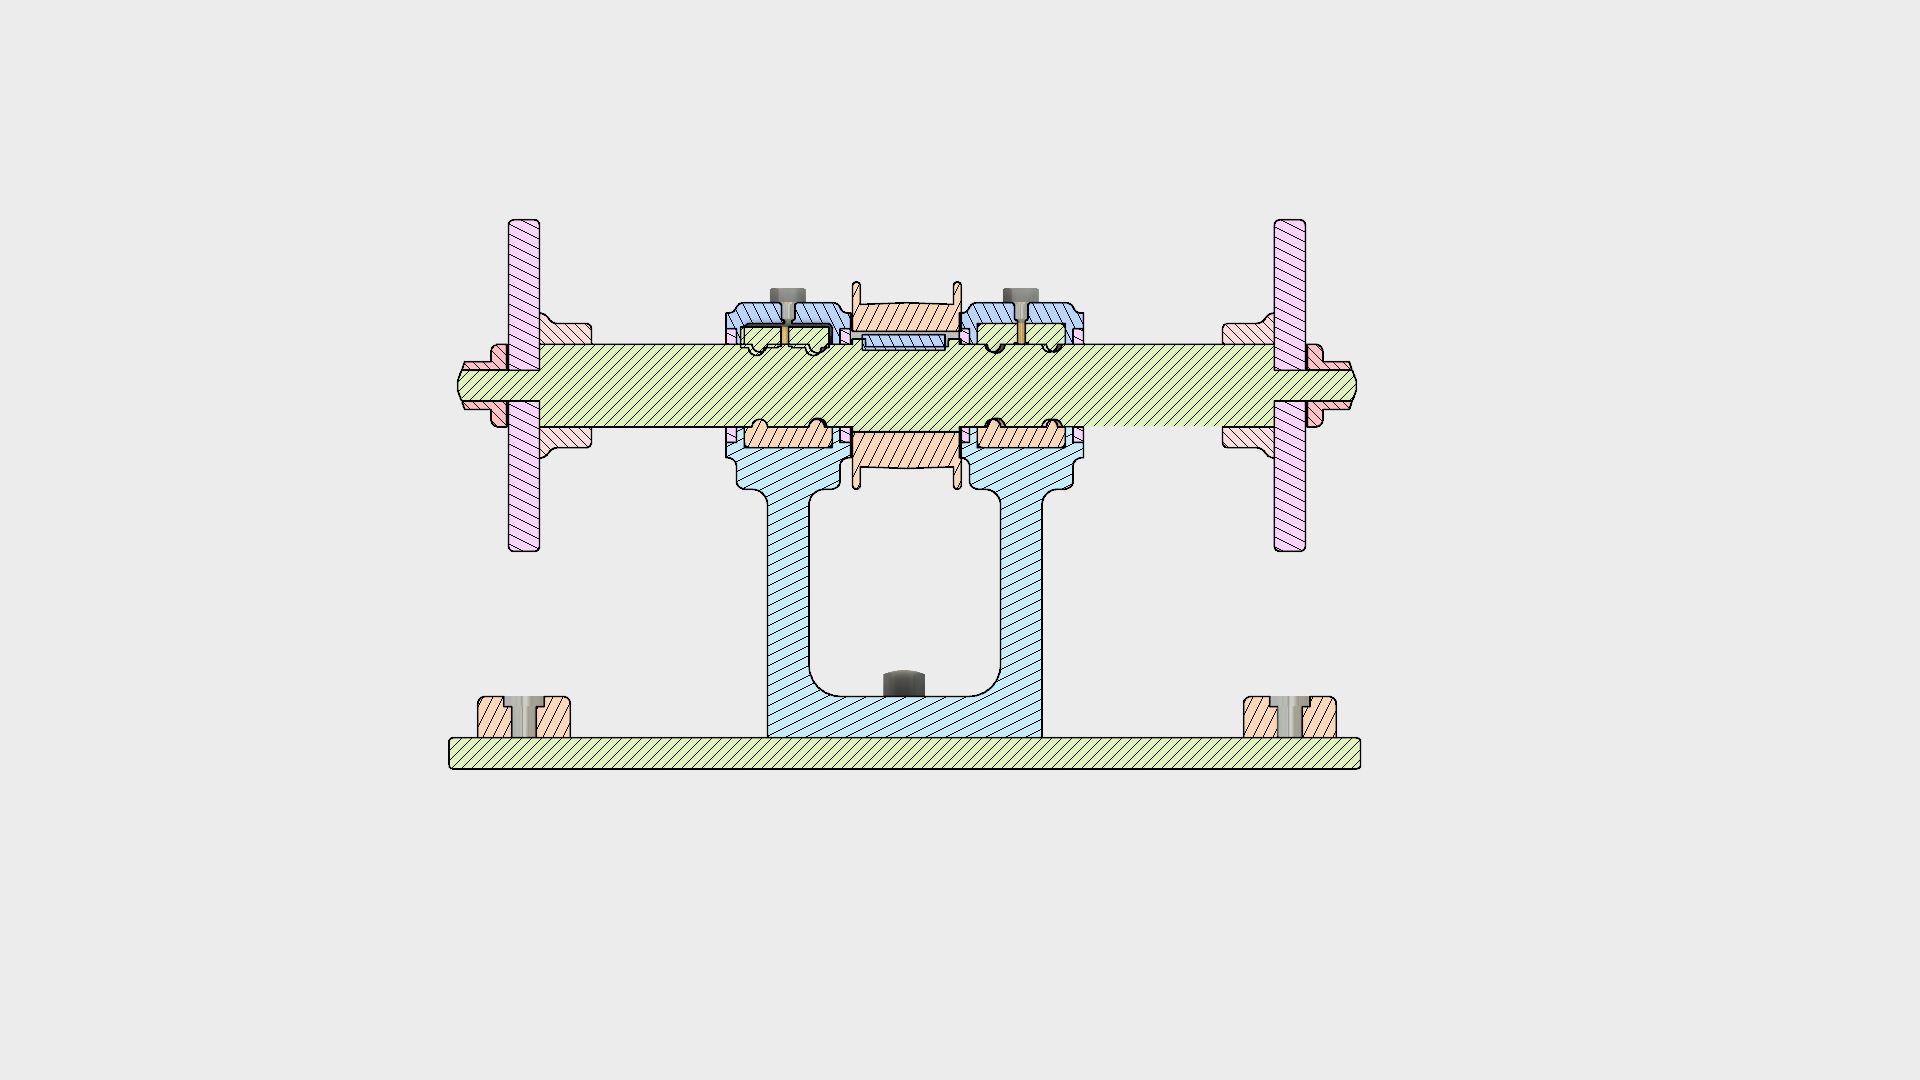 Bench-grinder-no--2-d-v42-3500-3500